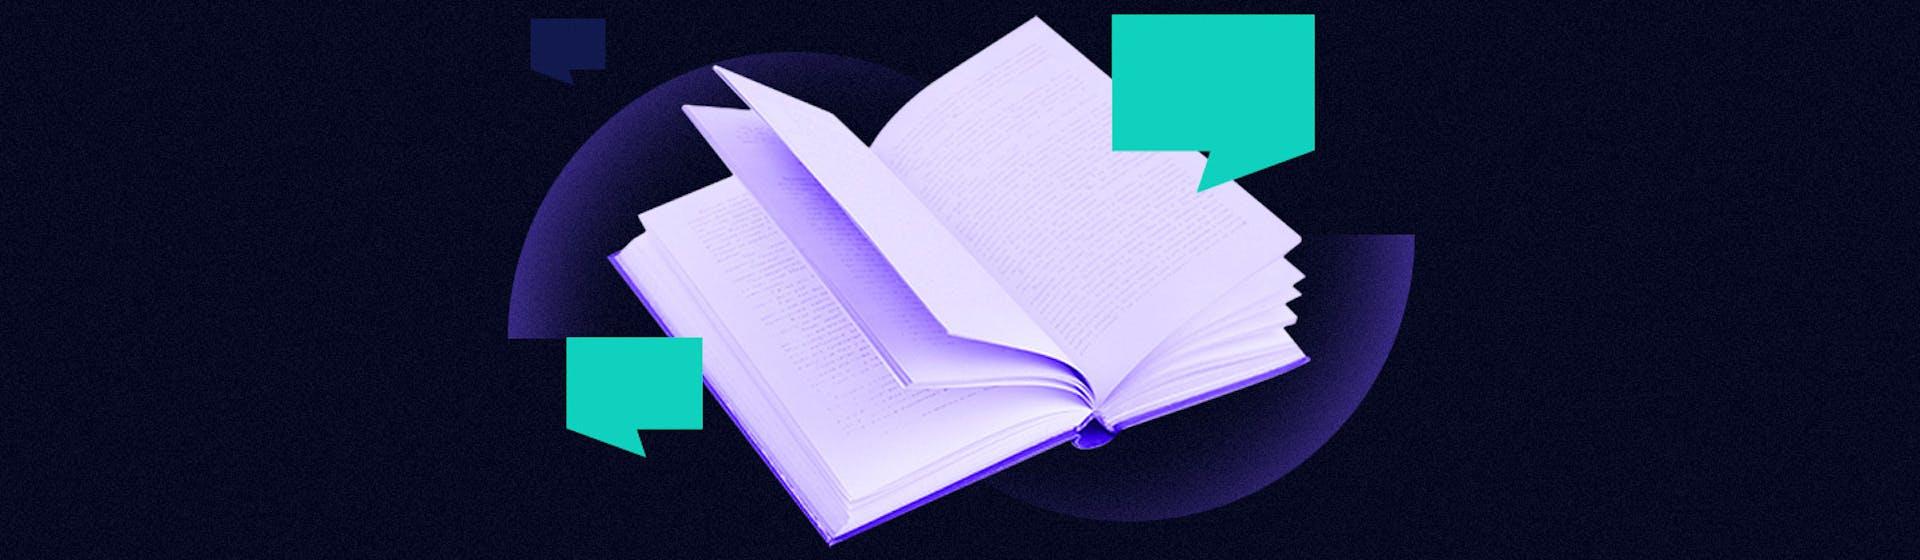 +50 ejemplos de onomatopeya para escritores ¡Crea textos expresivos y divertidos!